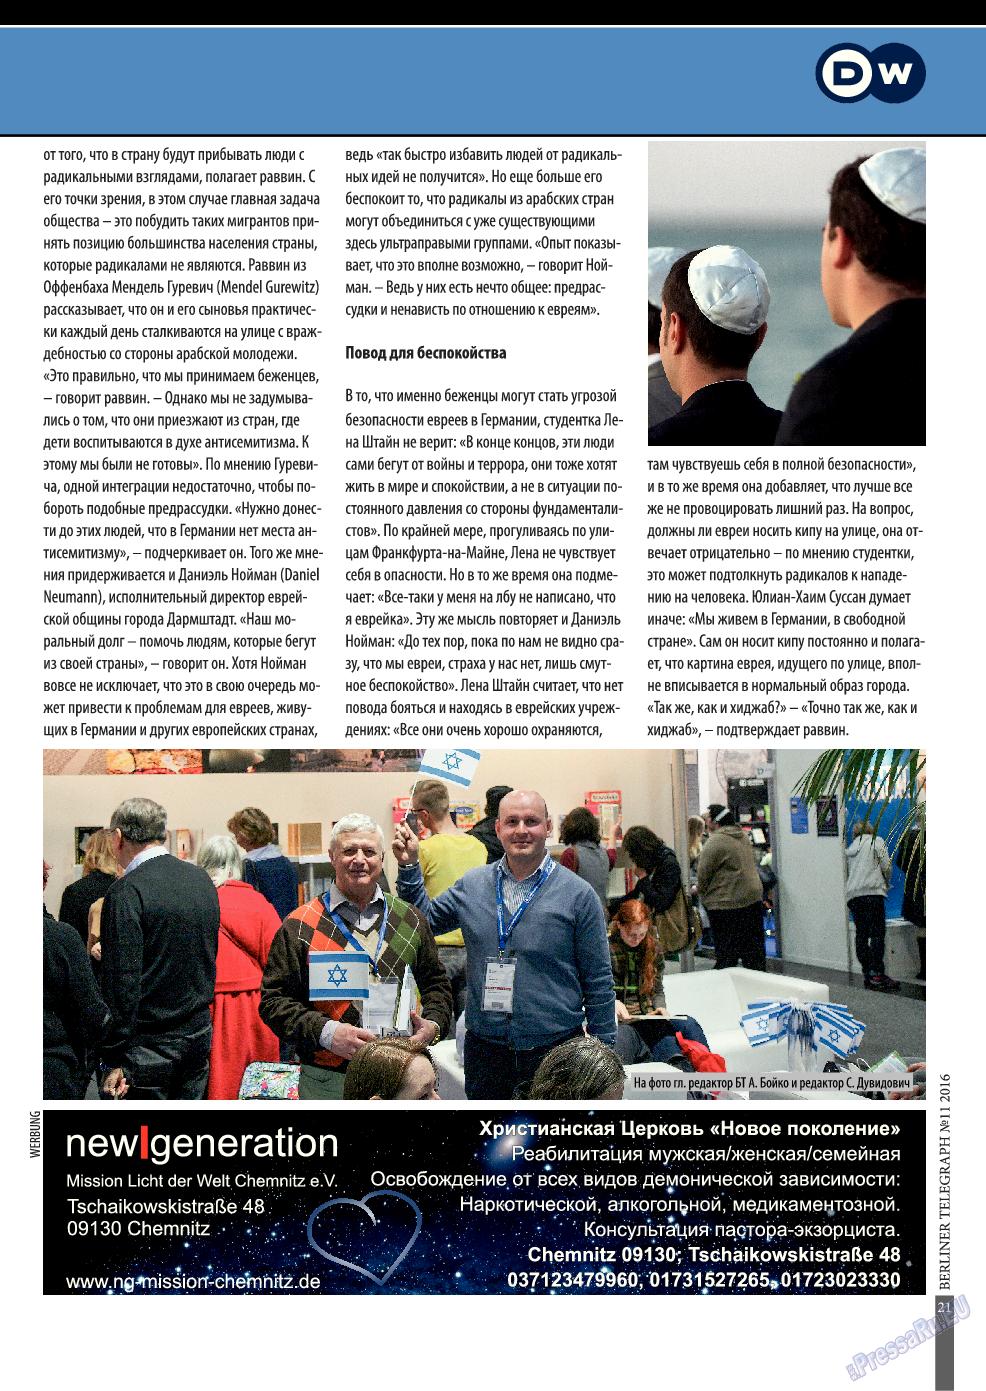 Берлинский телеграф (журнал). 2016 год, номер 11, стр. 21